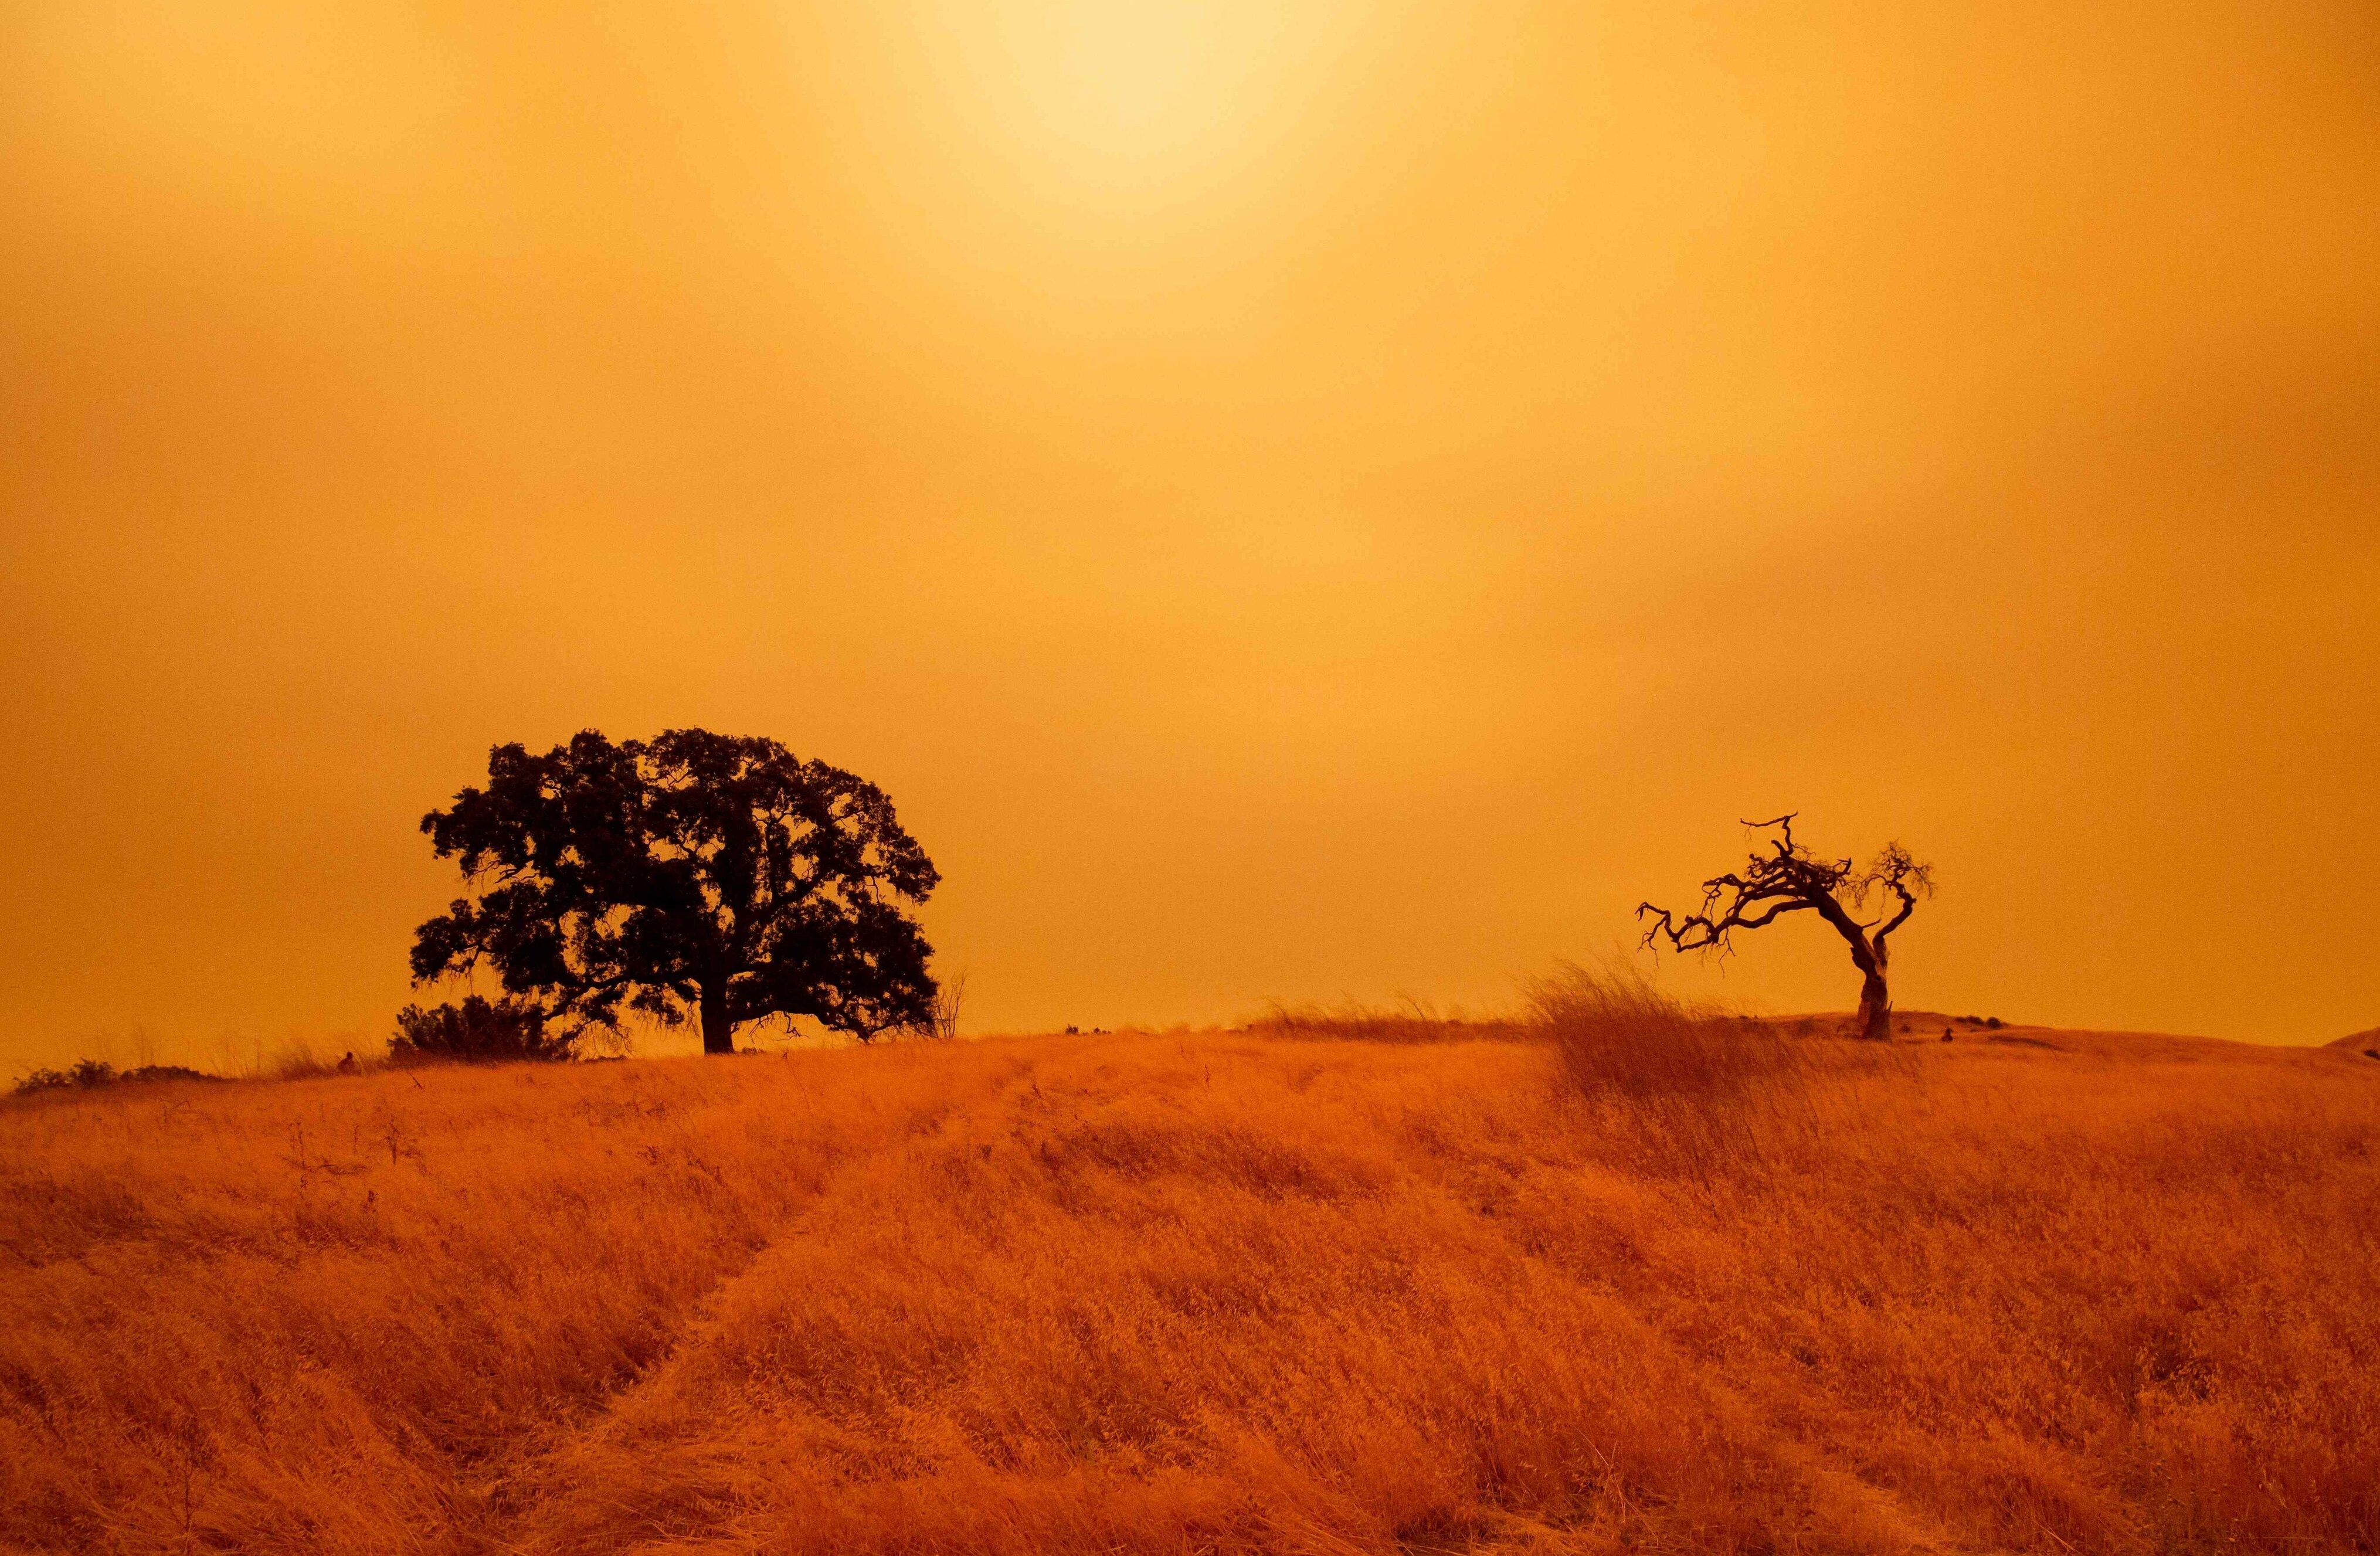 Небо вКалифорнии окрасилось воранжевый цвет из-за лесных пожаров.